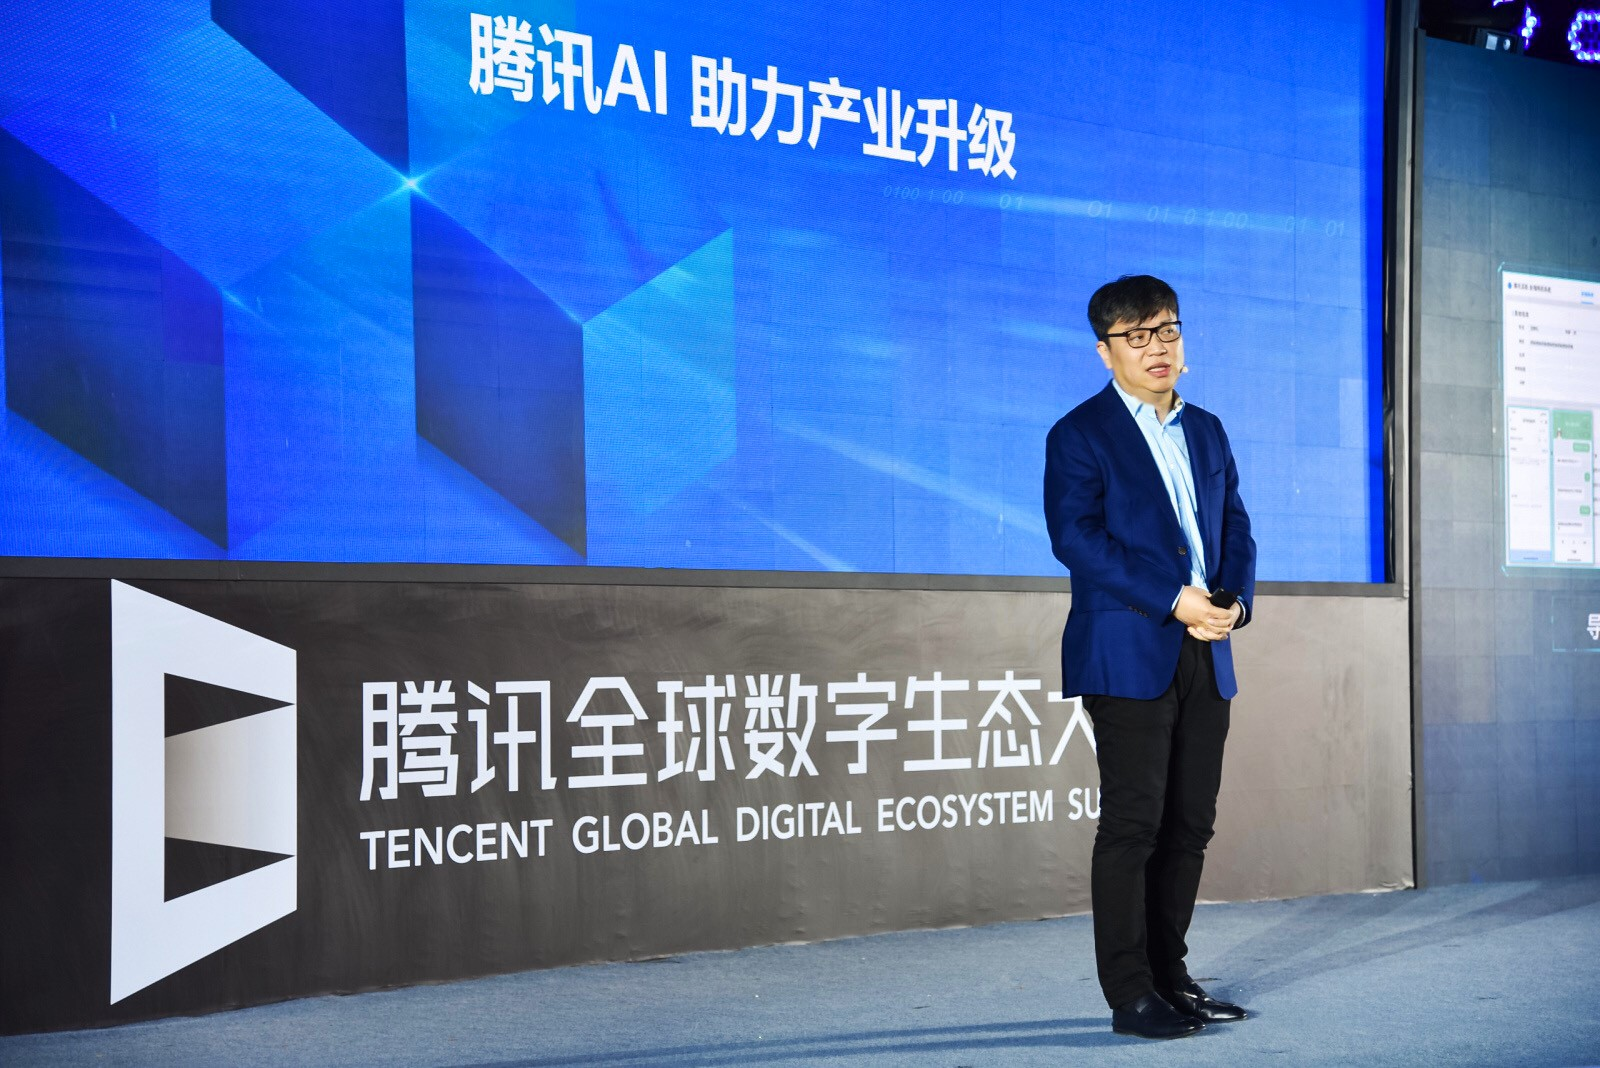 腾讯披露AI+产业成绩单 落地应用上百个行业